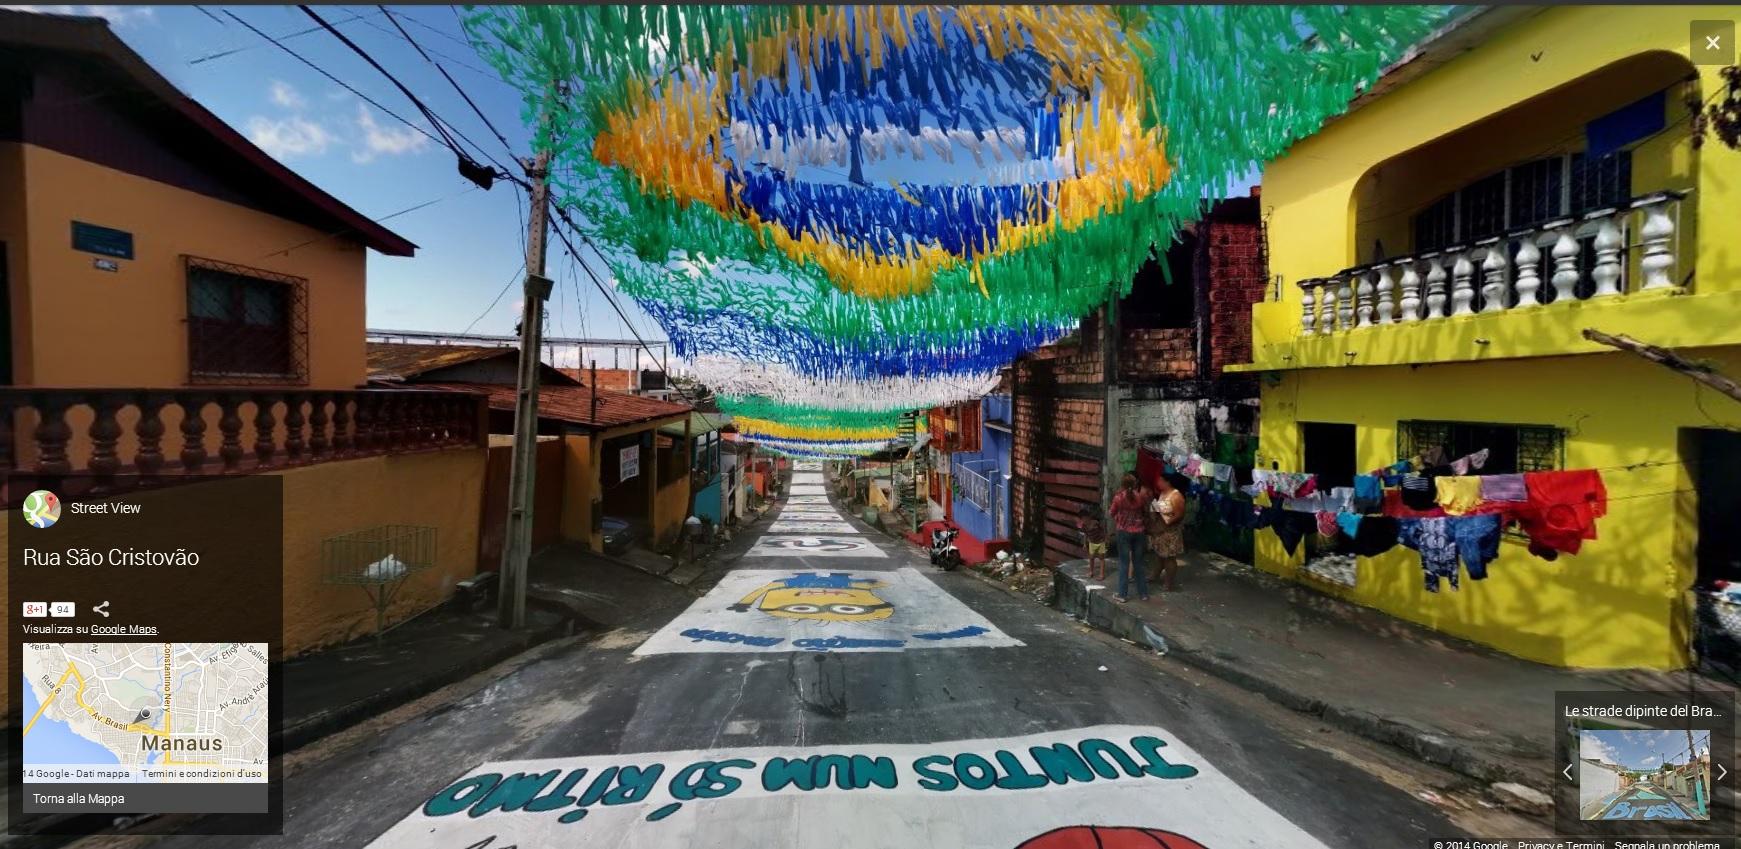 BRASILE4 MONDIALI BRASILE 2014   Google Maps e le strade dipinte